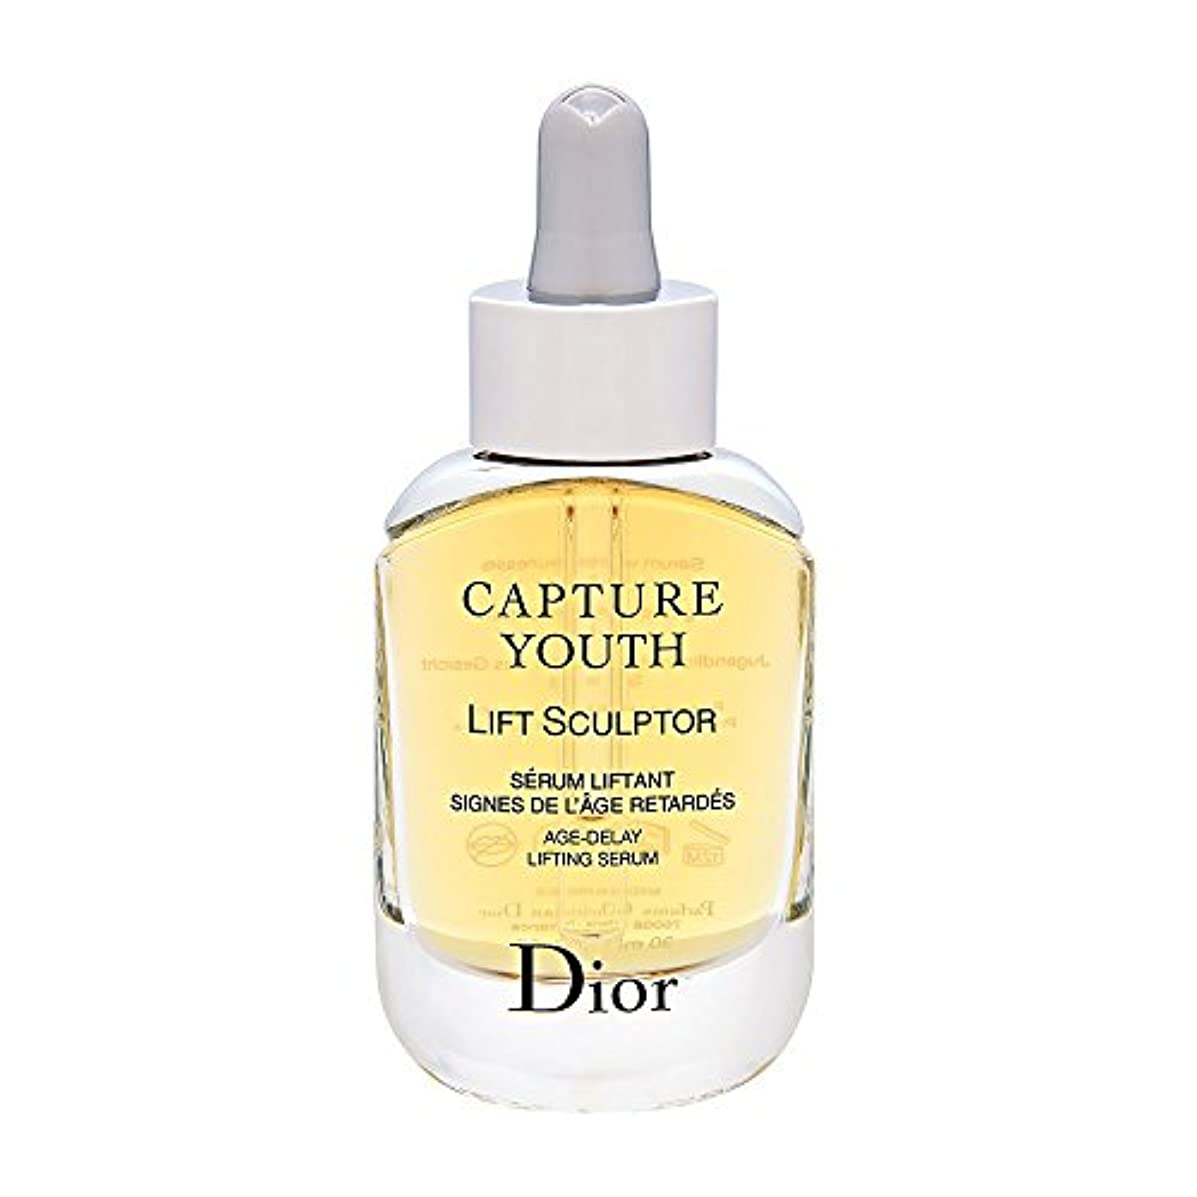 ダッシュ歩道エレガントクリスチャンディオール Christian Dior カプチュール ユース L スカルプター 30mL [並行輸入品]